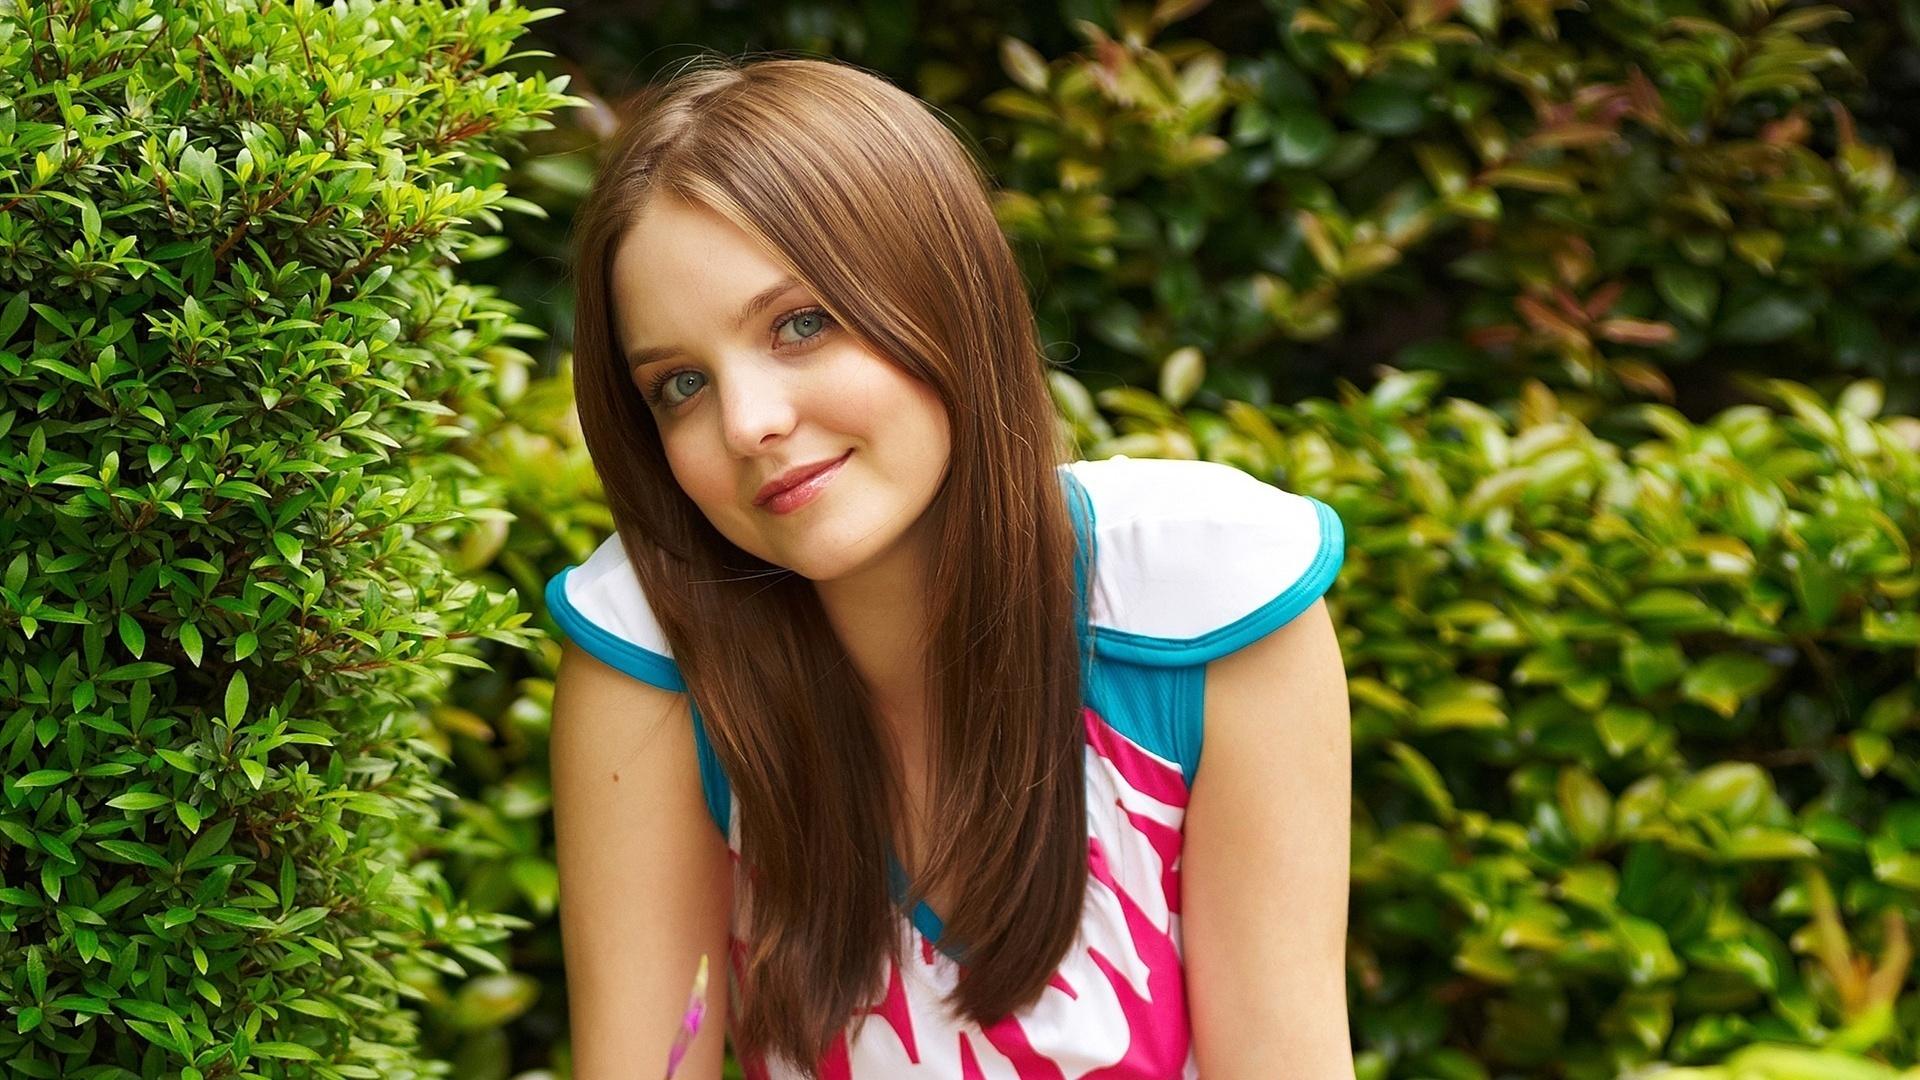 Фото из кустов молодых девушек 12 фотография